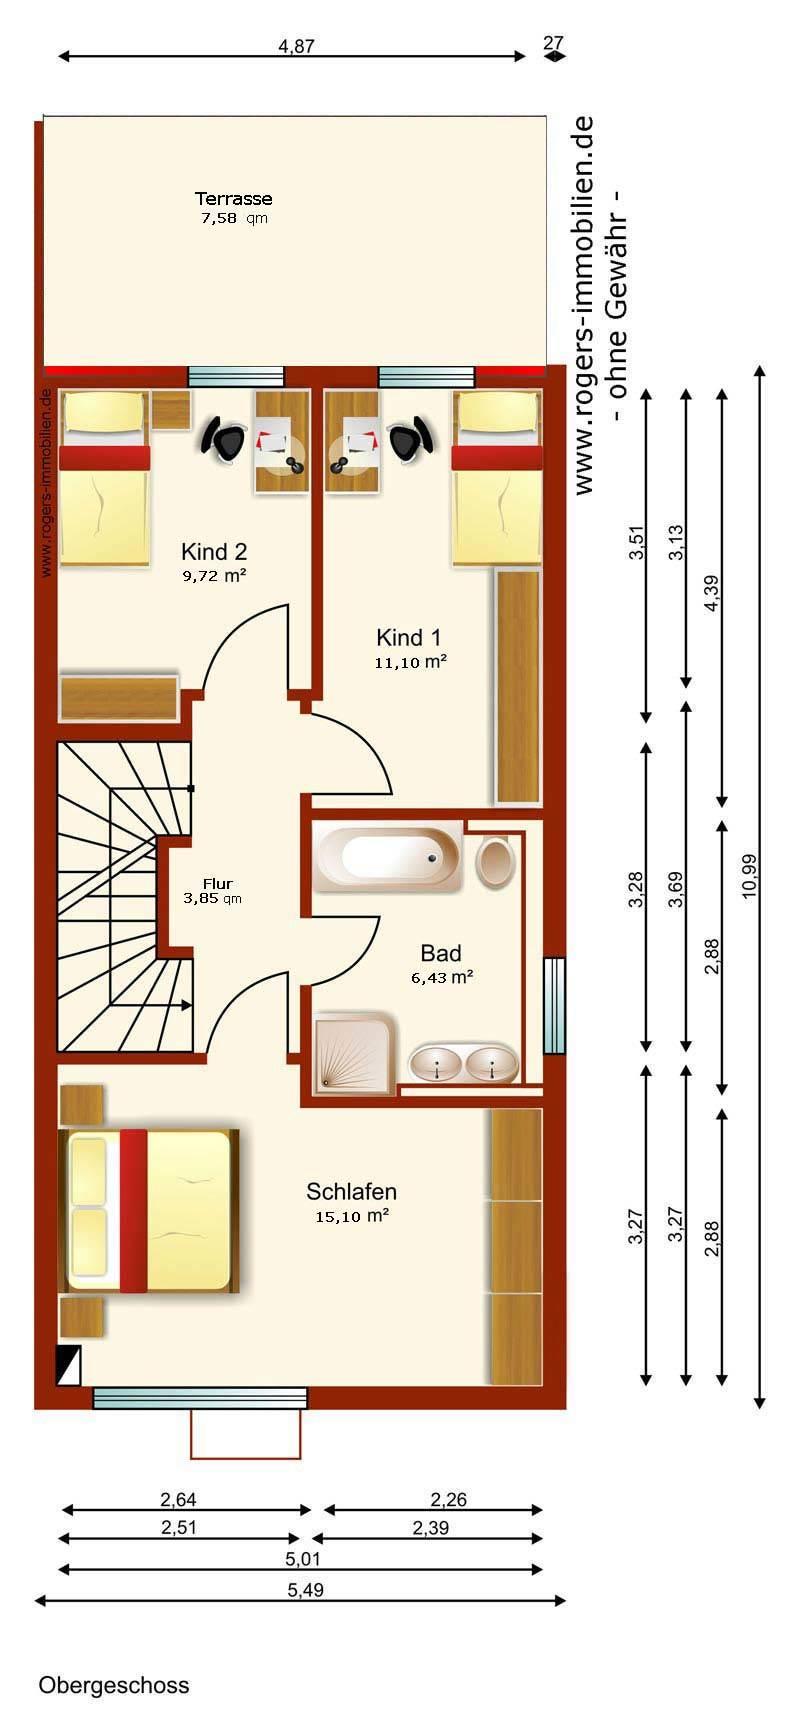 Immobilien M 252 Nchen Hadern Neuwertige Dhh Zur Miete